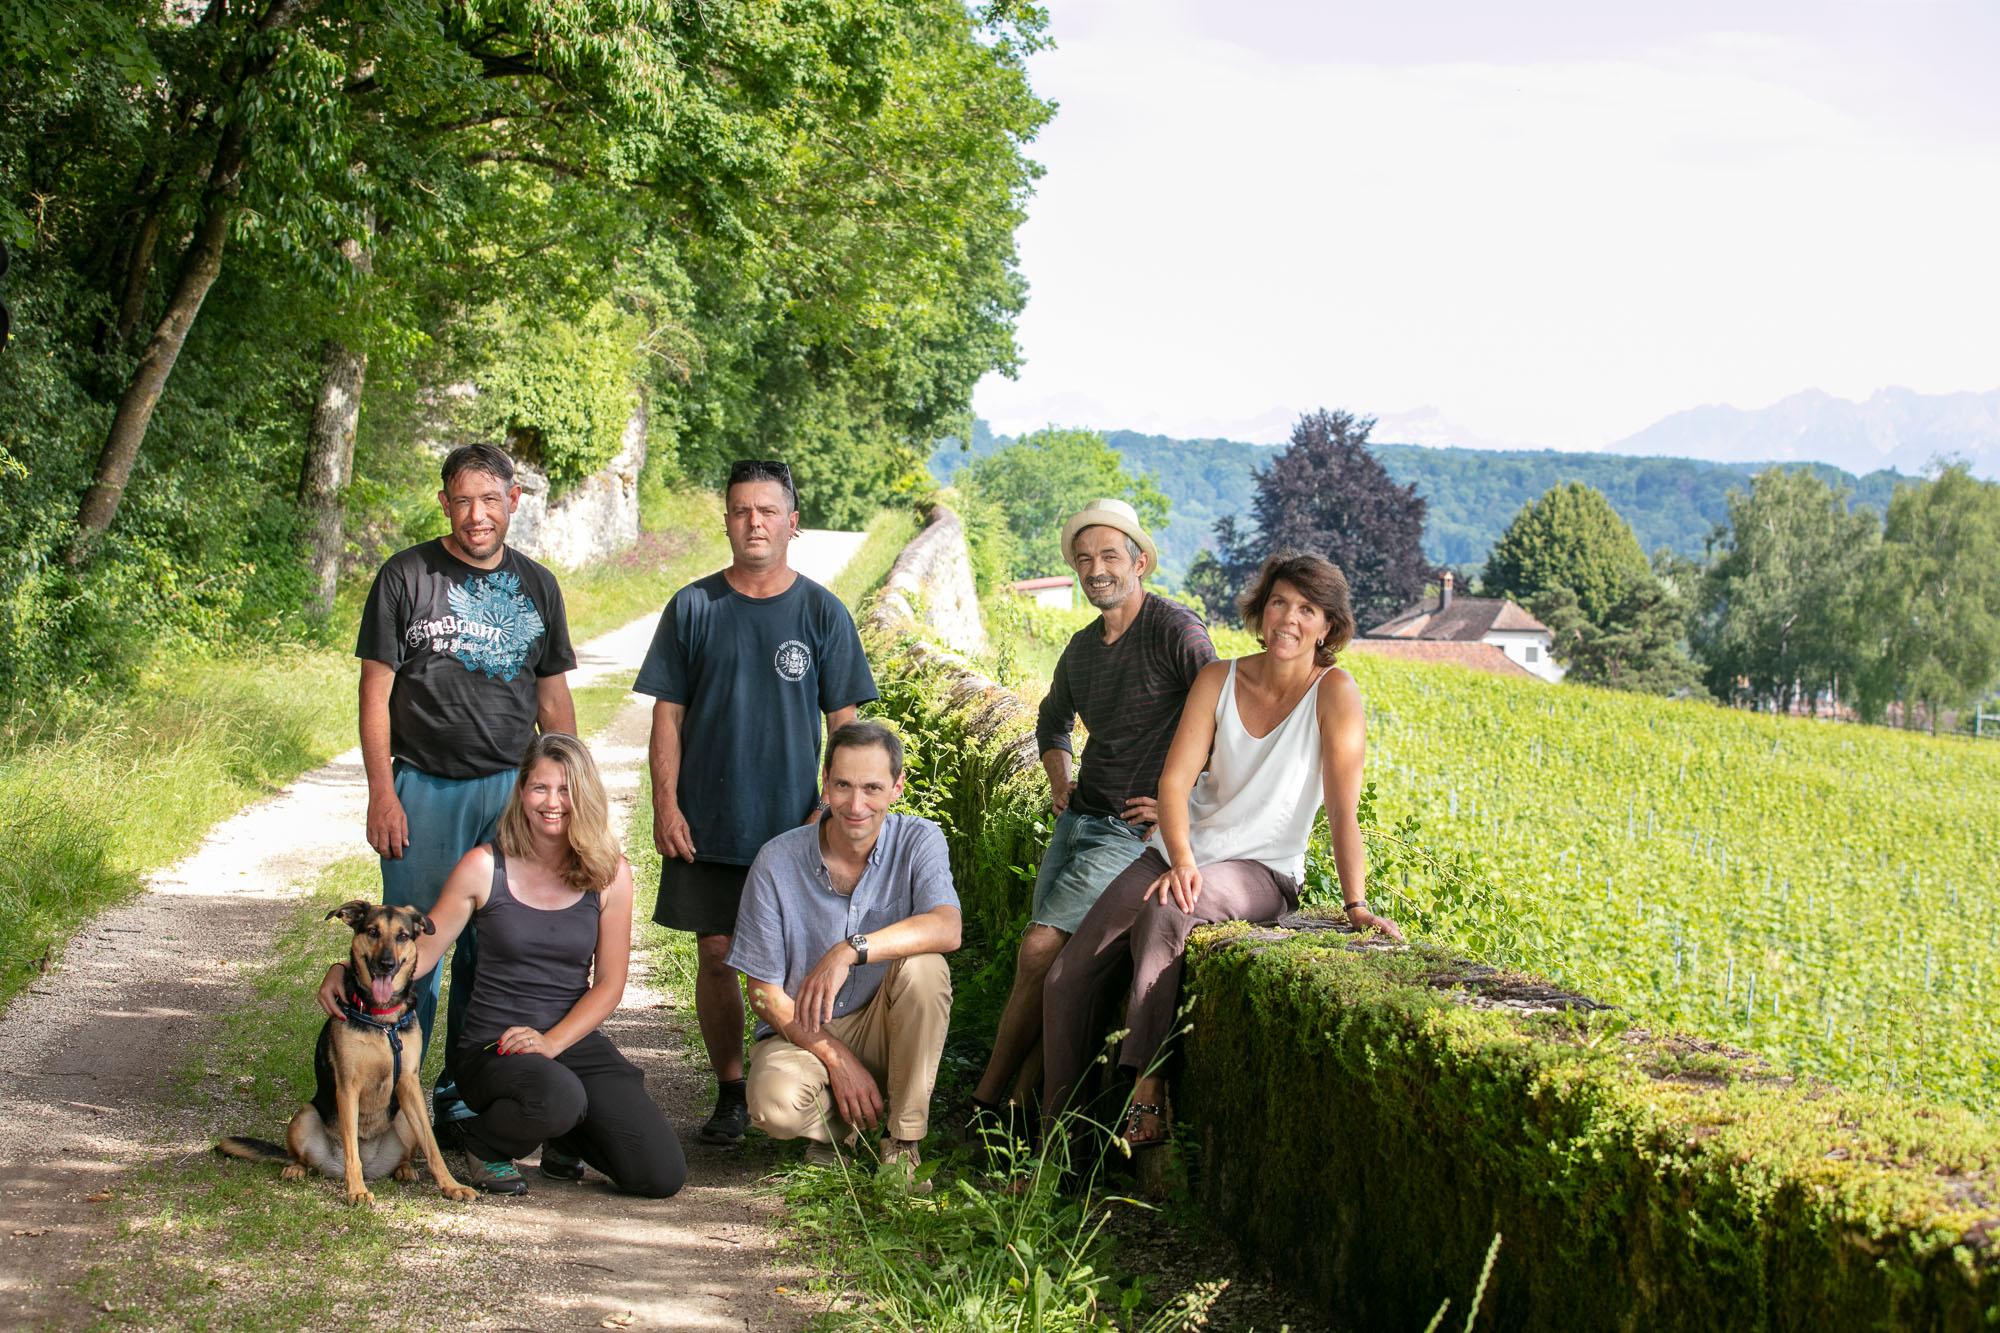 2020 – Agenda et mission d'un domaine viticole